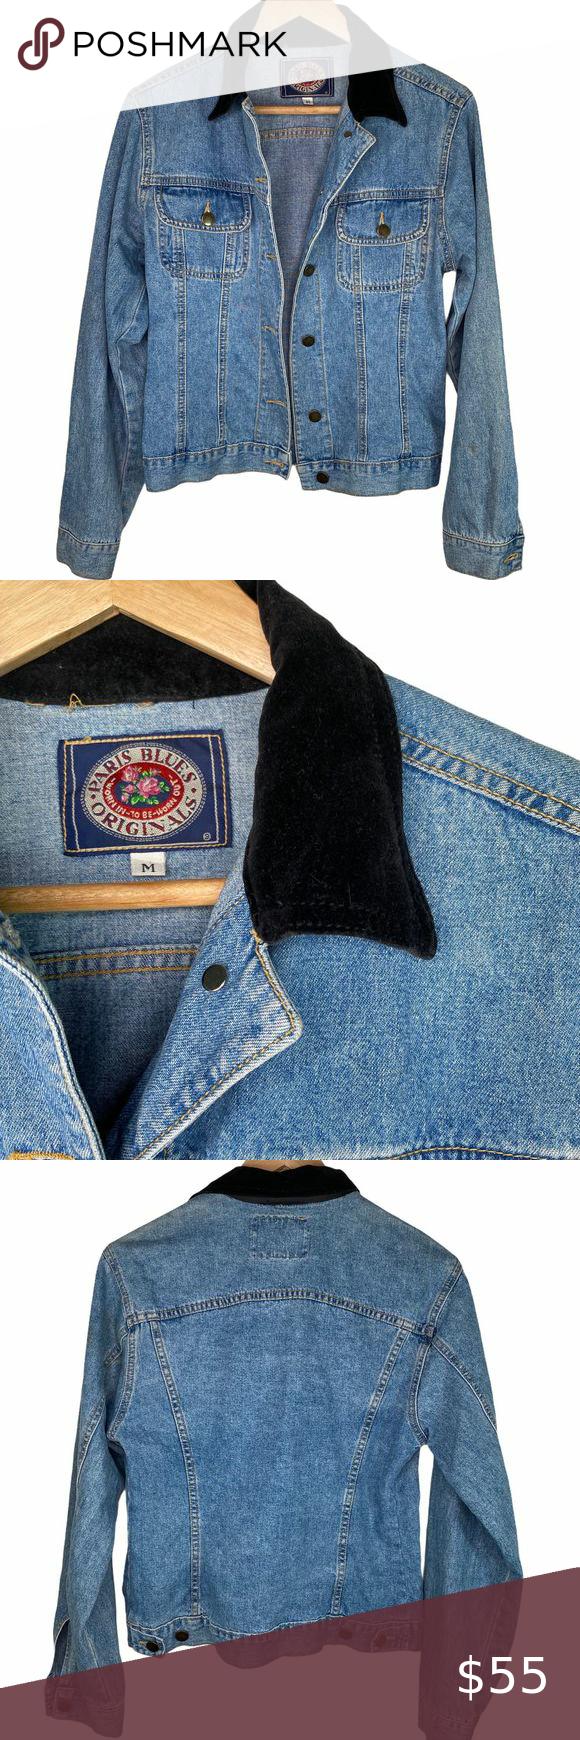 Vintage 90s Paris Blues Velvet Denim Jean Jacket In 2020 Clothes Design Denim Jean Jacket Fashion Design [ 1740 x 580 Pixel ]